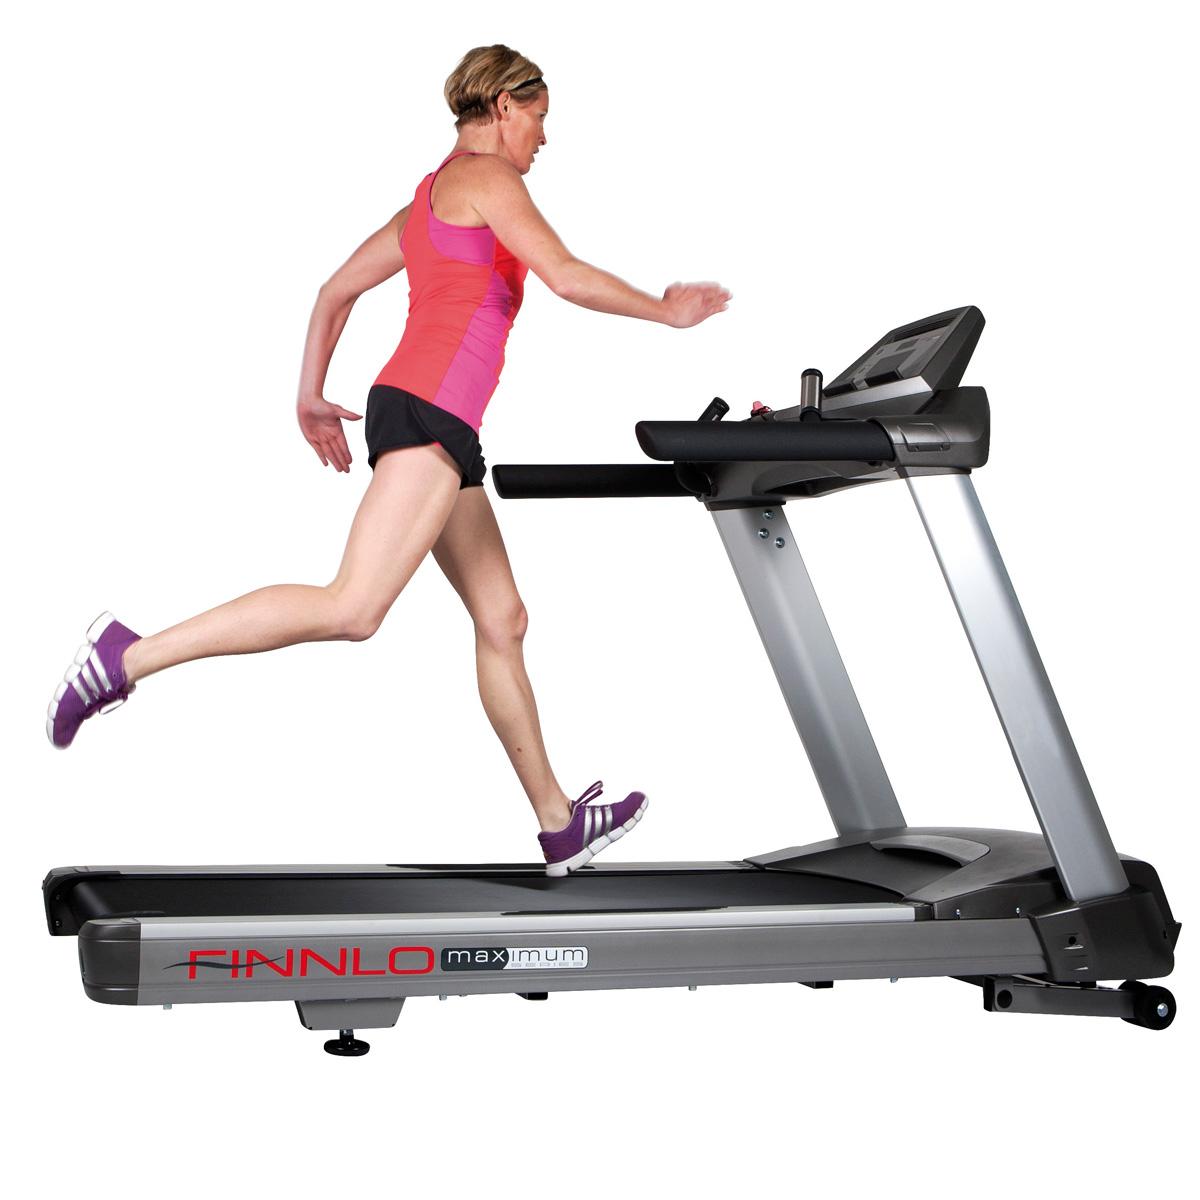 Finnlo Maximum Treadmill det3